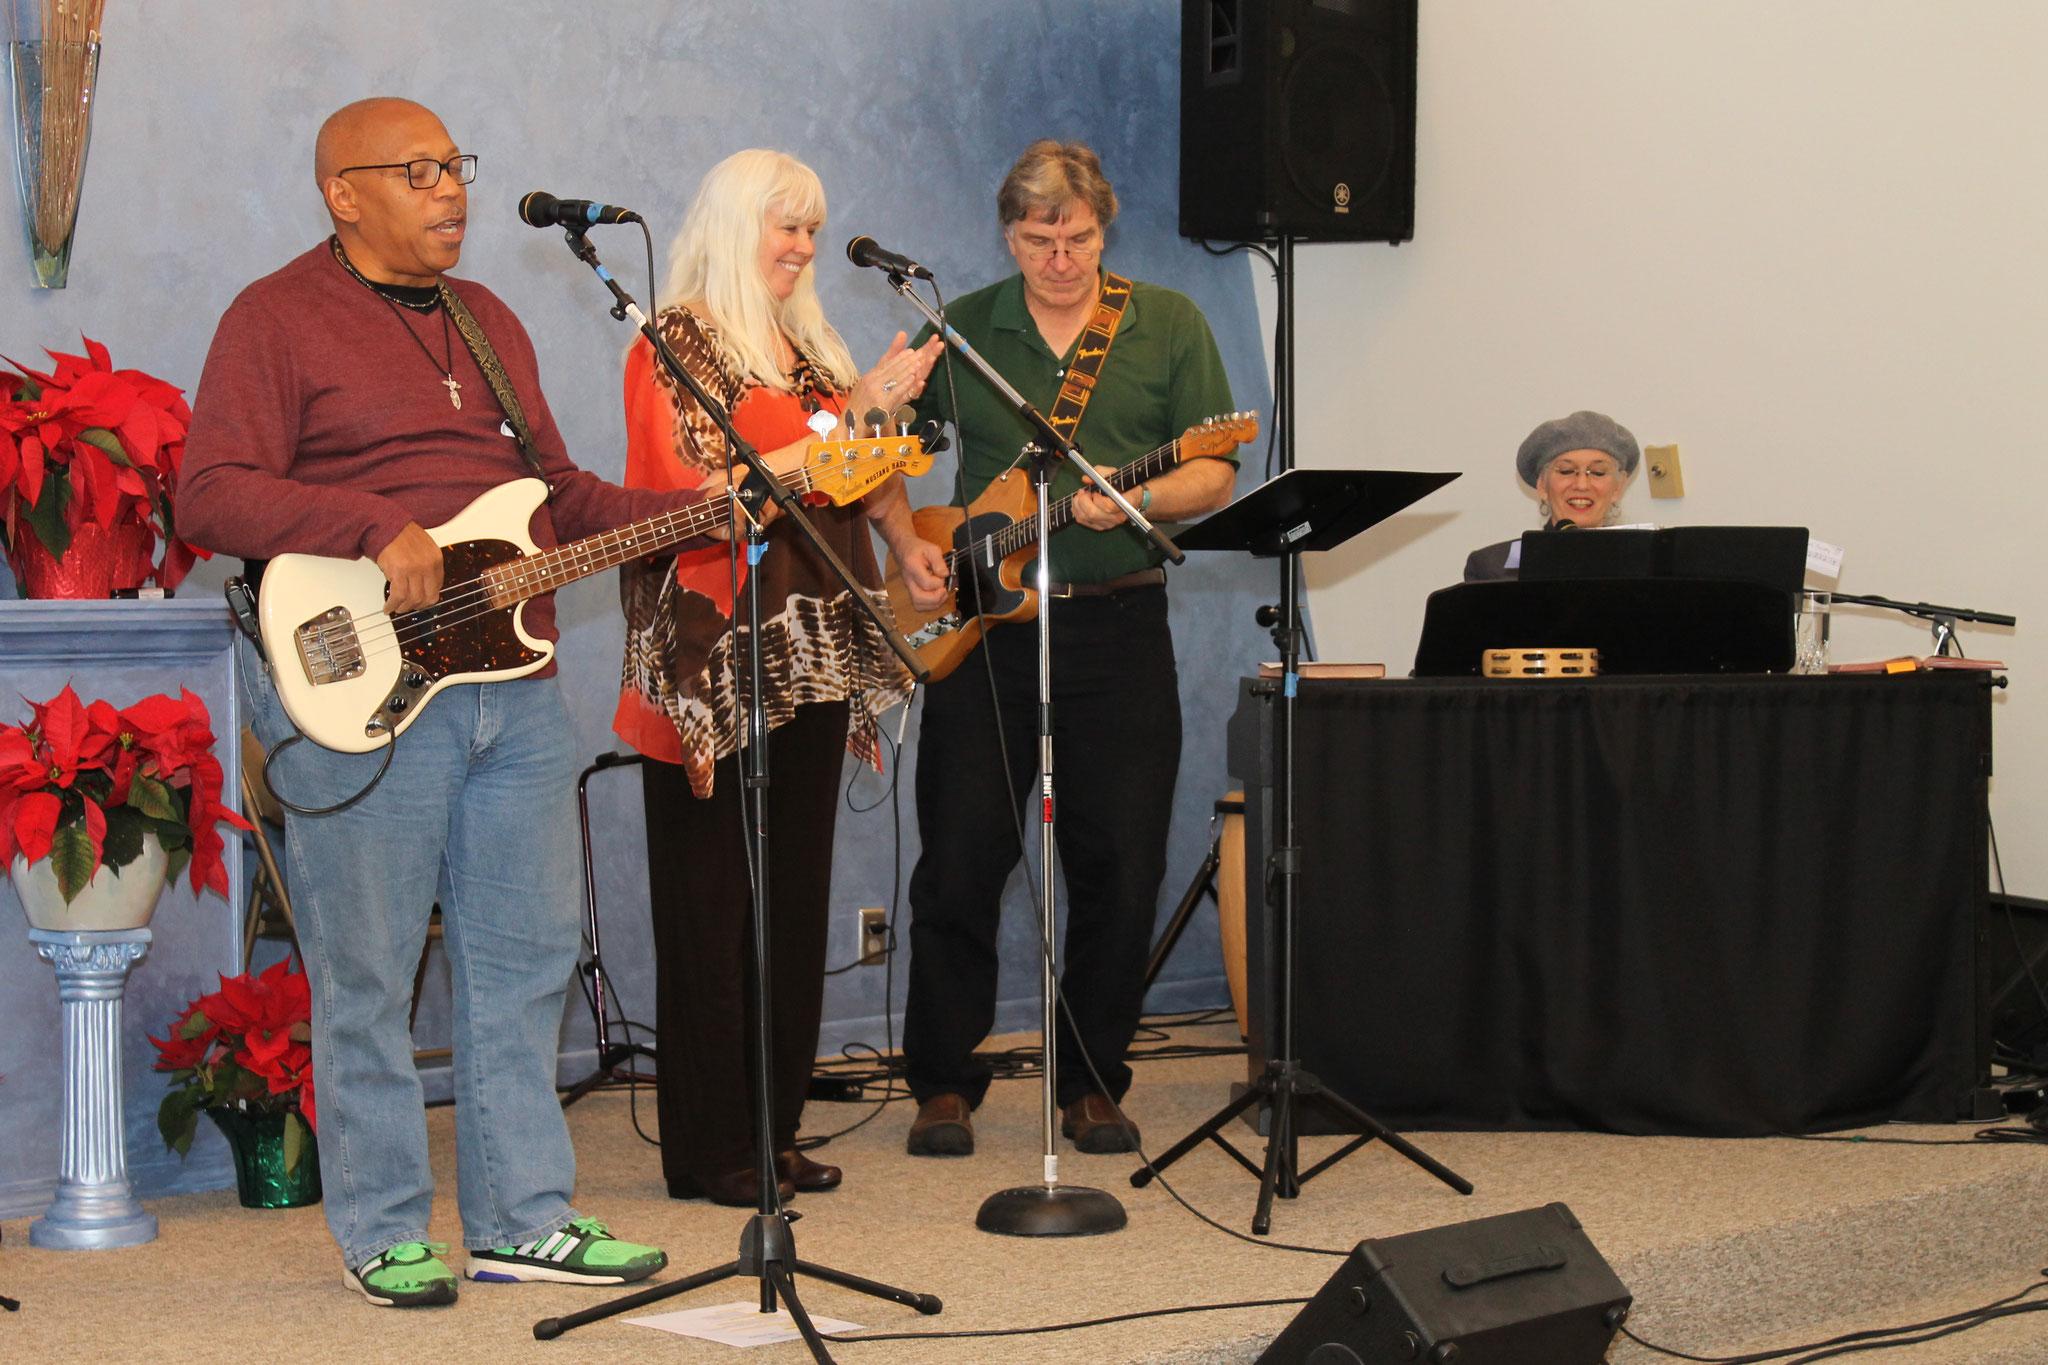 Eddie Watkins, Jr., Joanne Blum, Joe Lambert, and Lynda McClanahan